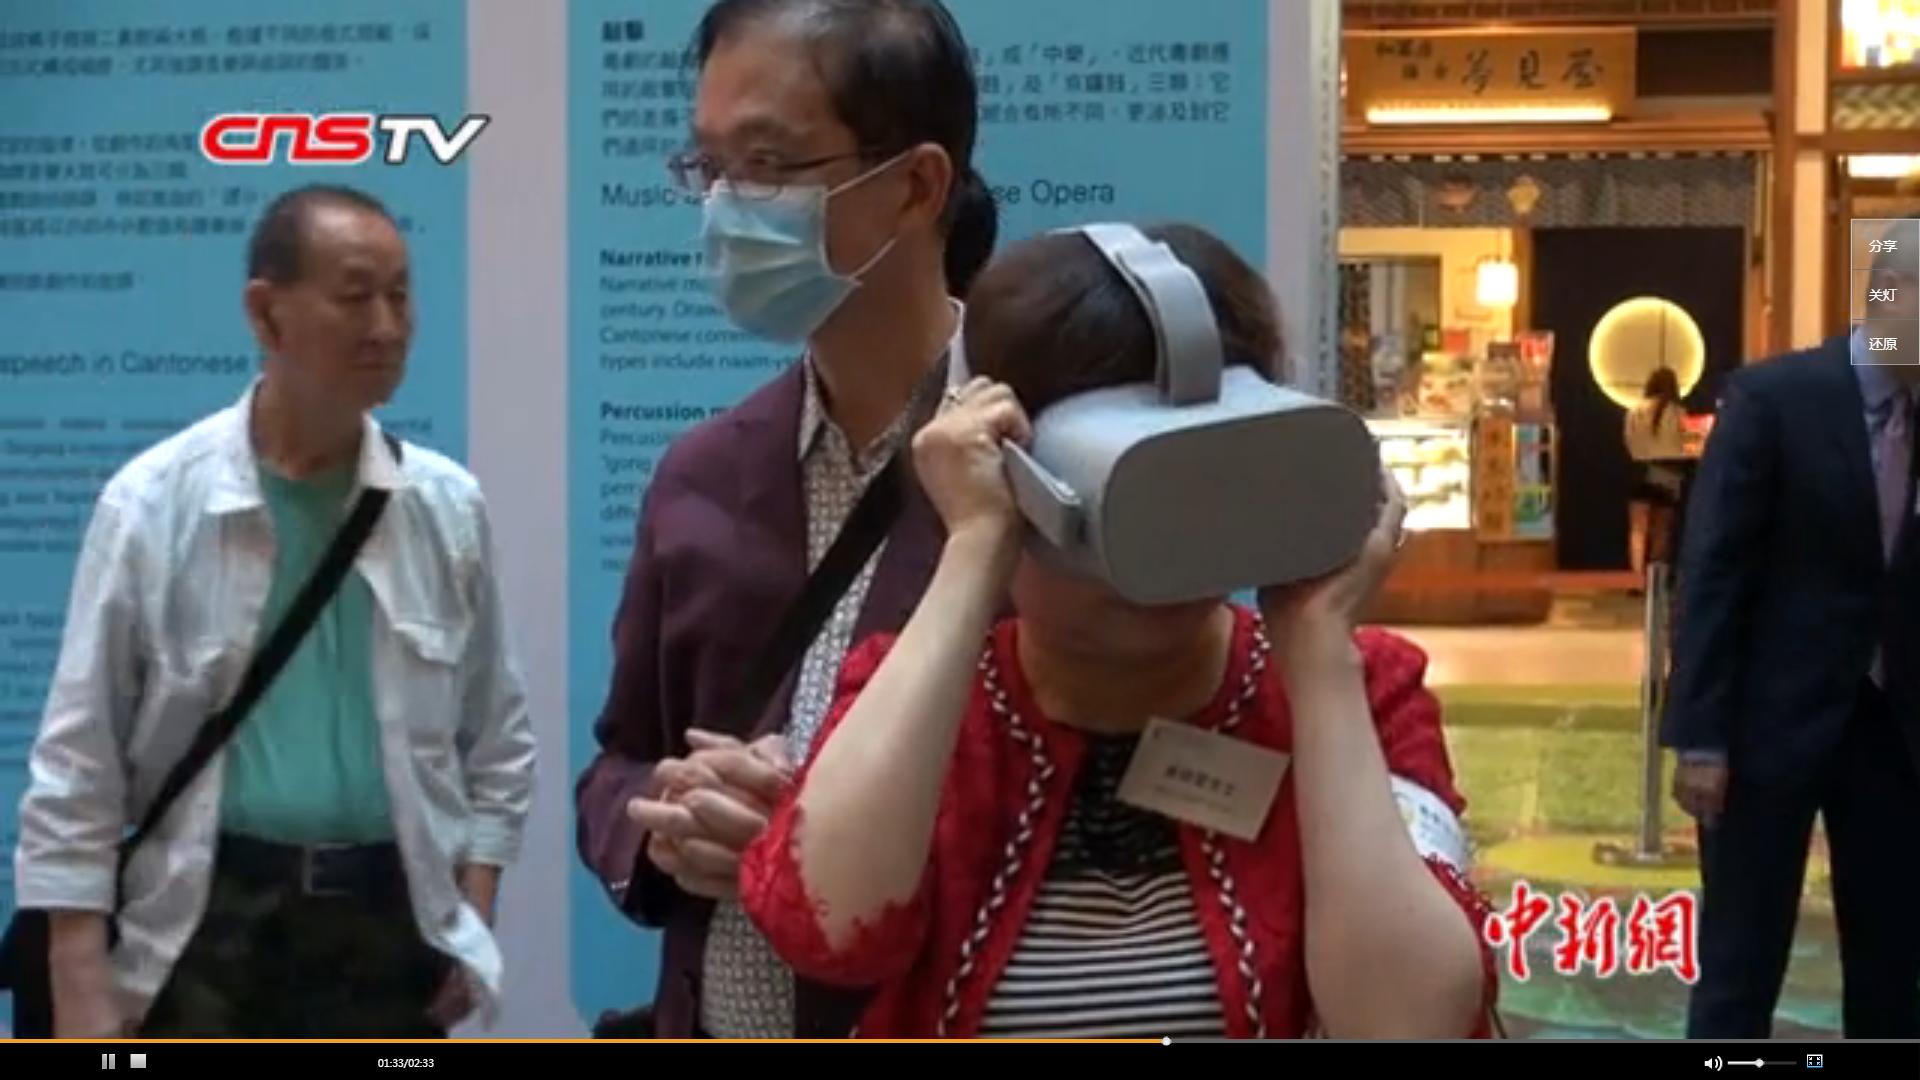 香港成立粤剧传承研究中心,VR技术融入传统戏剧